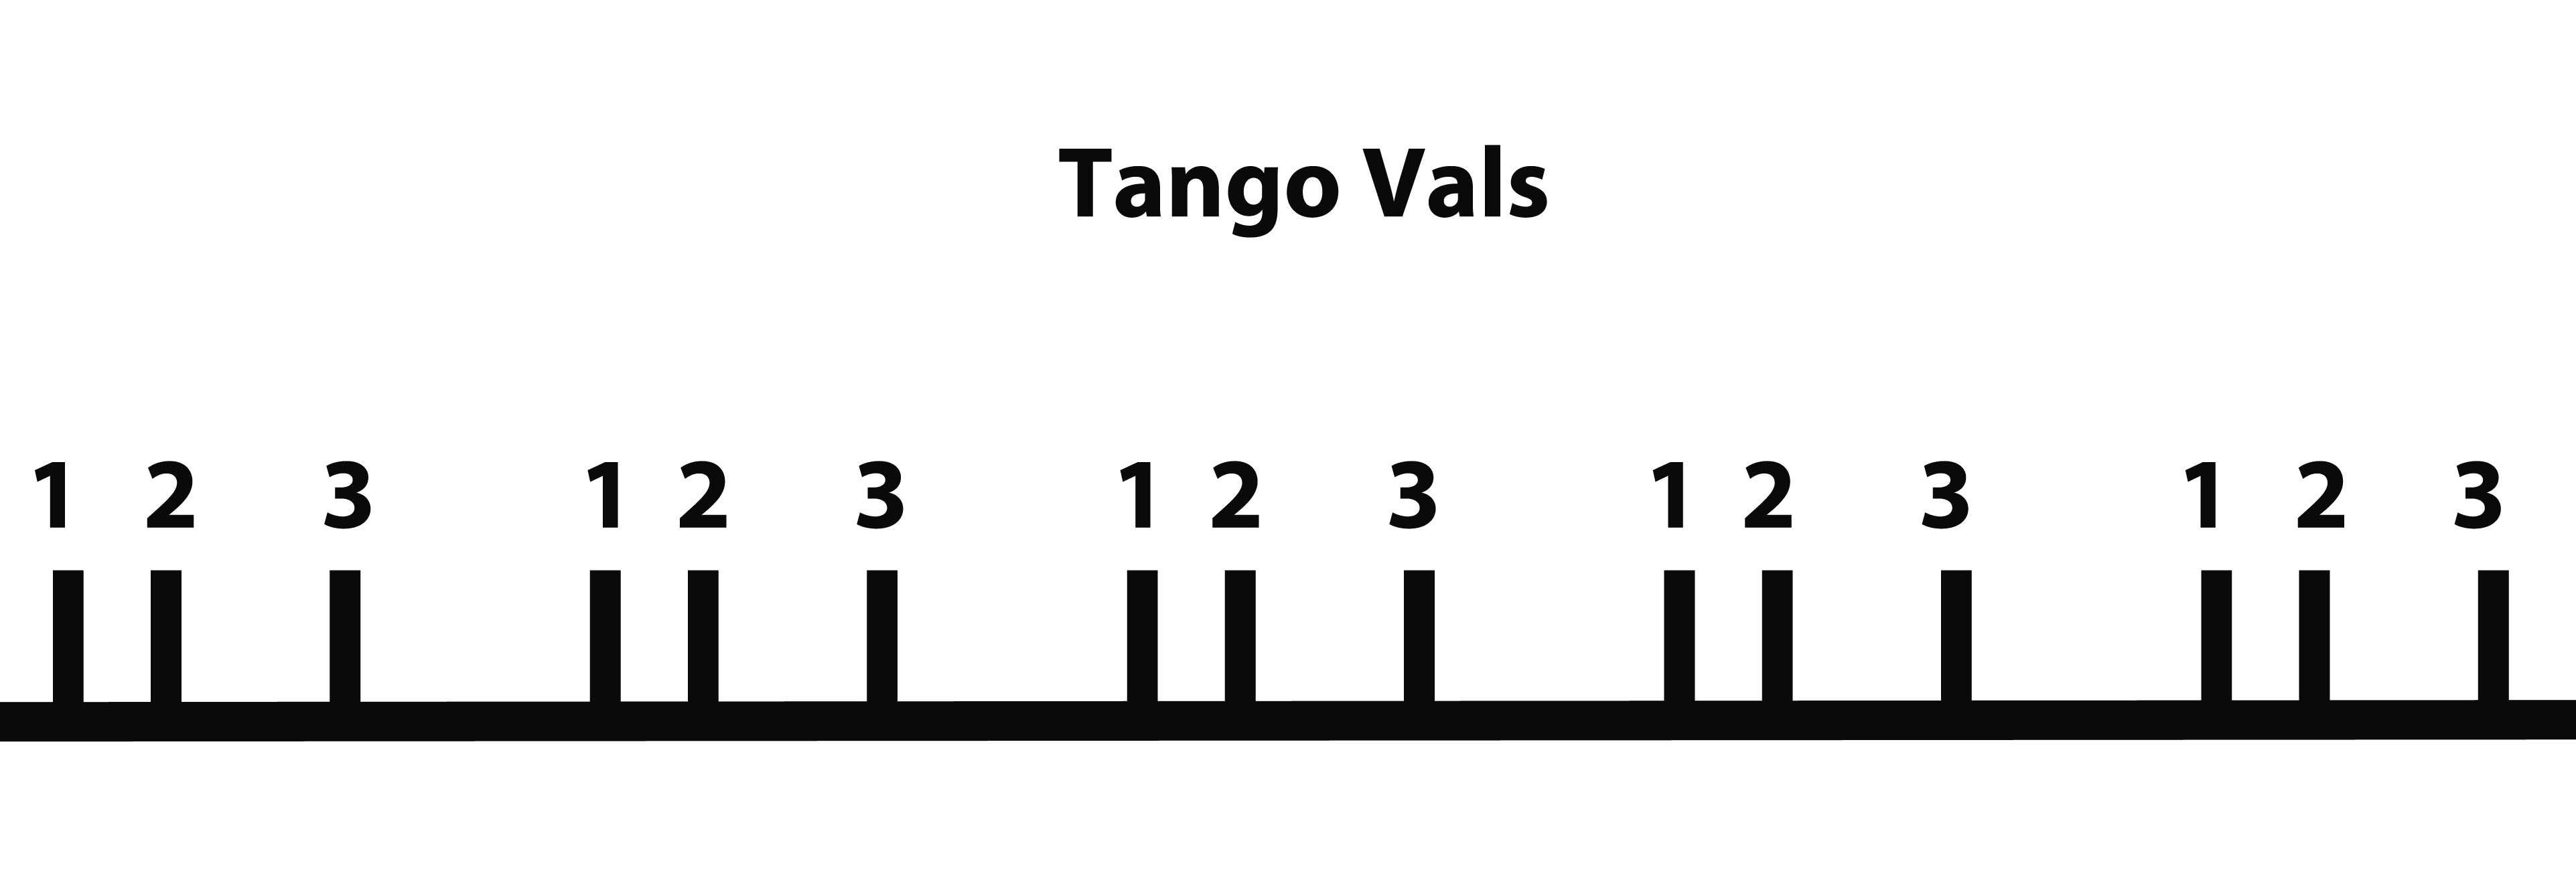 tango vals 2